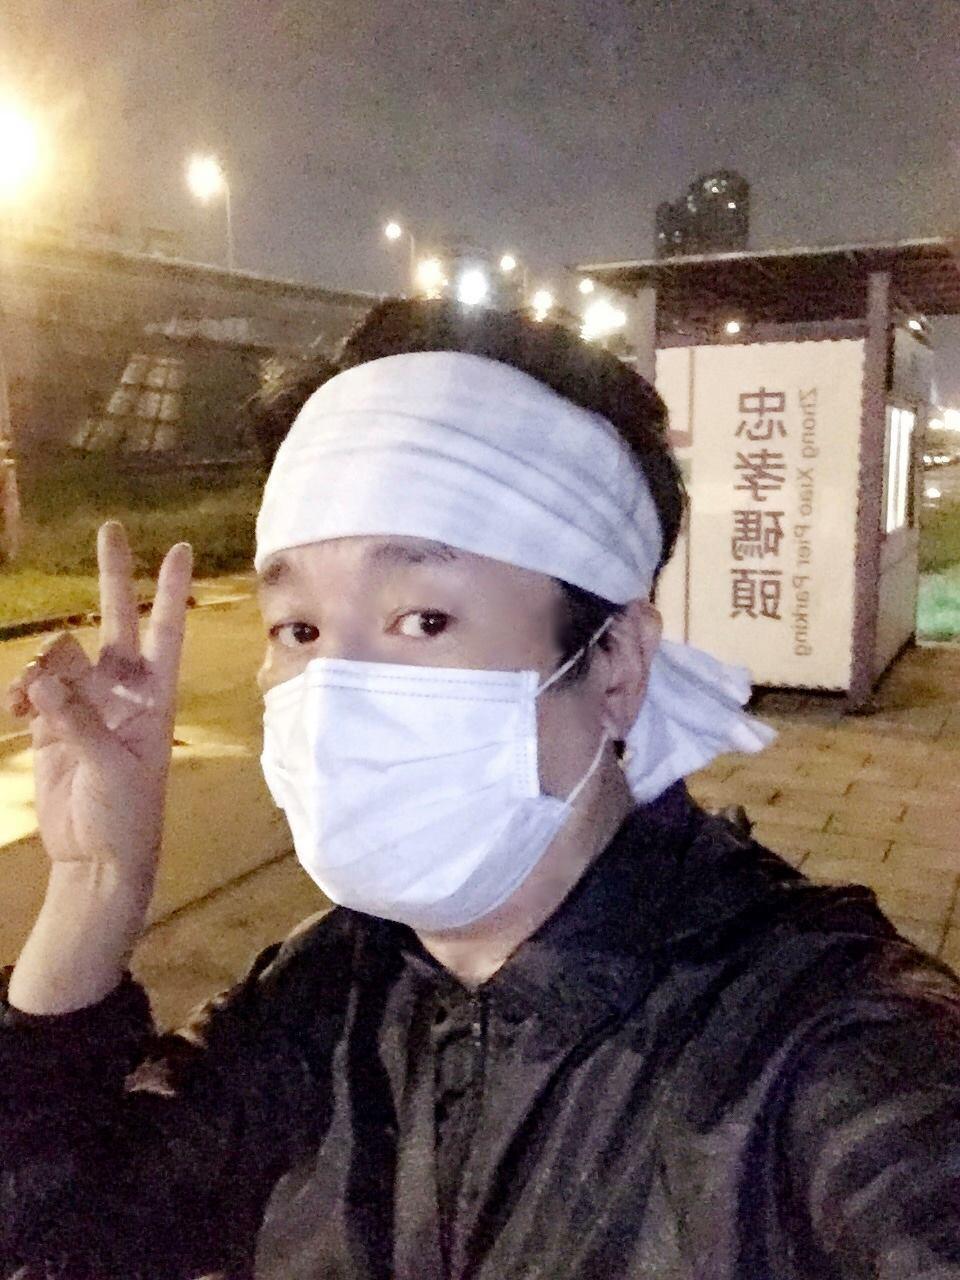 曹西平凌晨出門運動還戴著口罩。 圖/擷自曹西平臉書